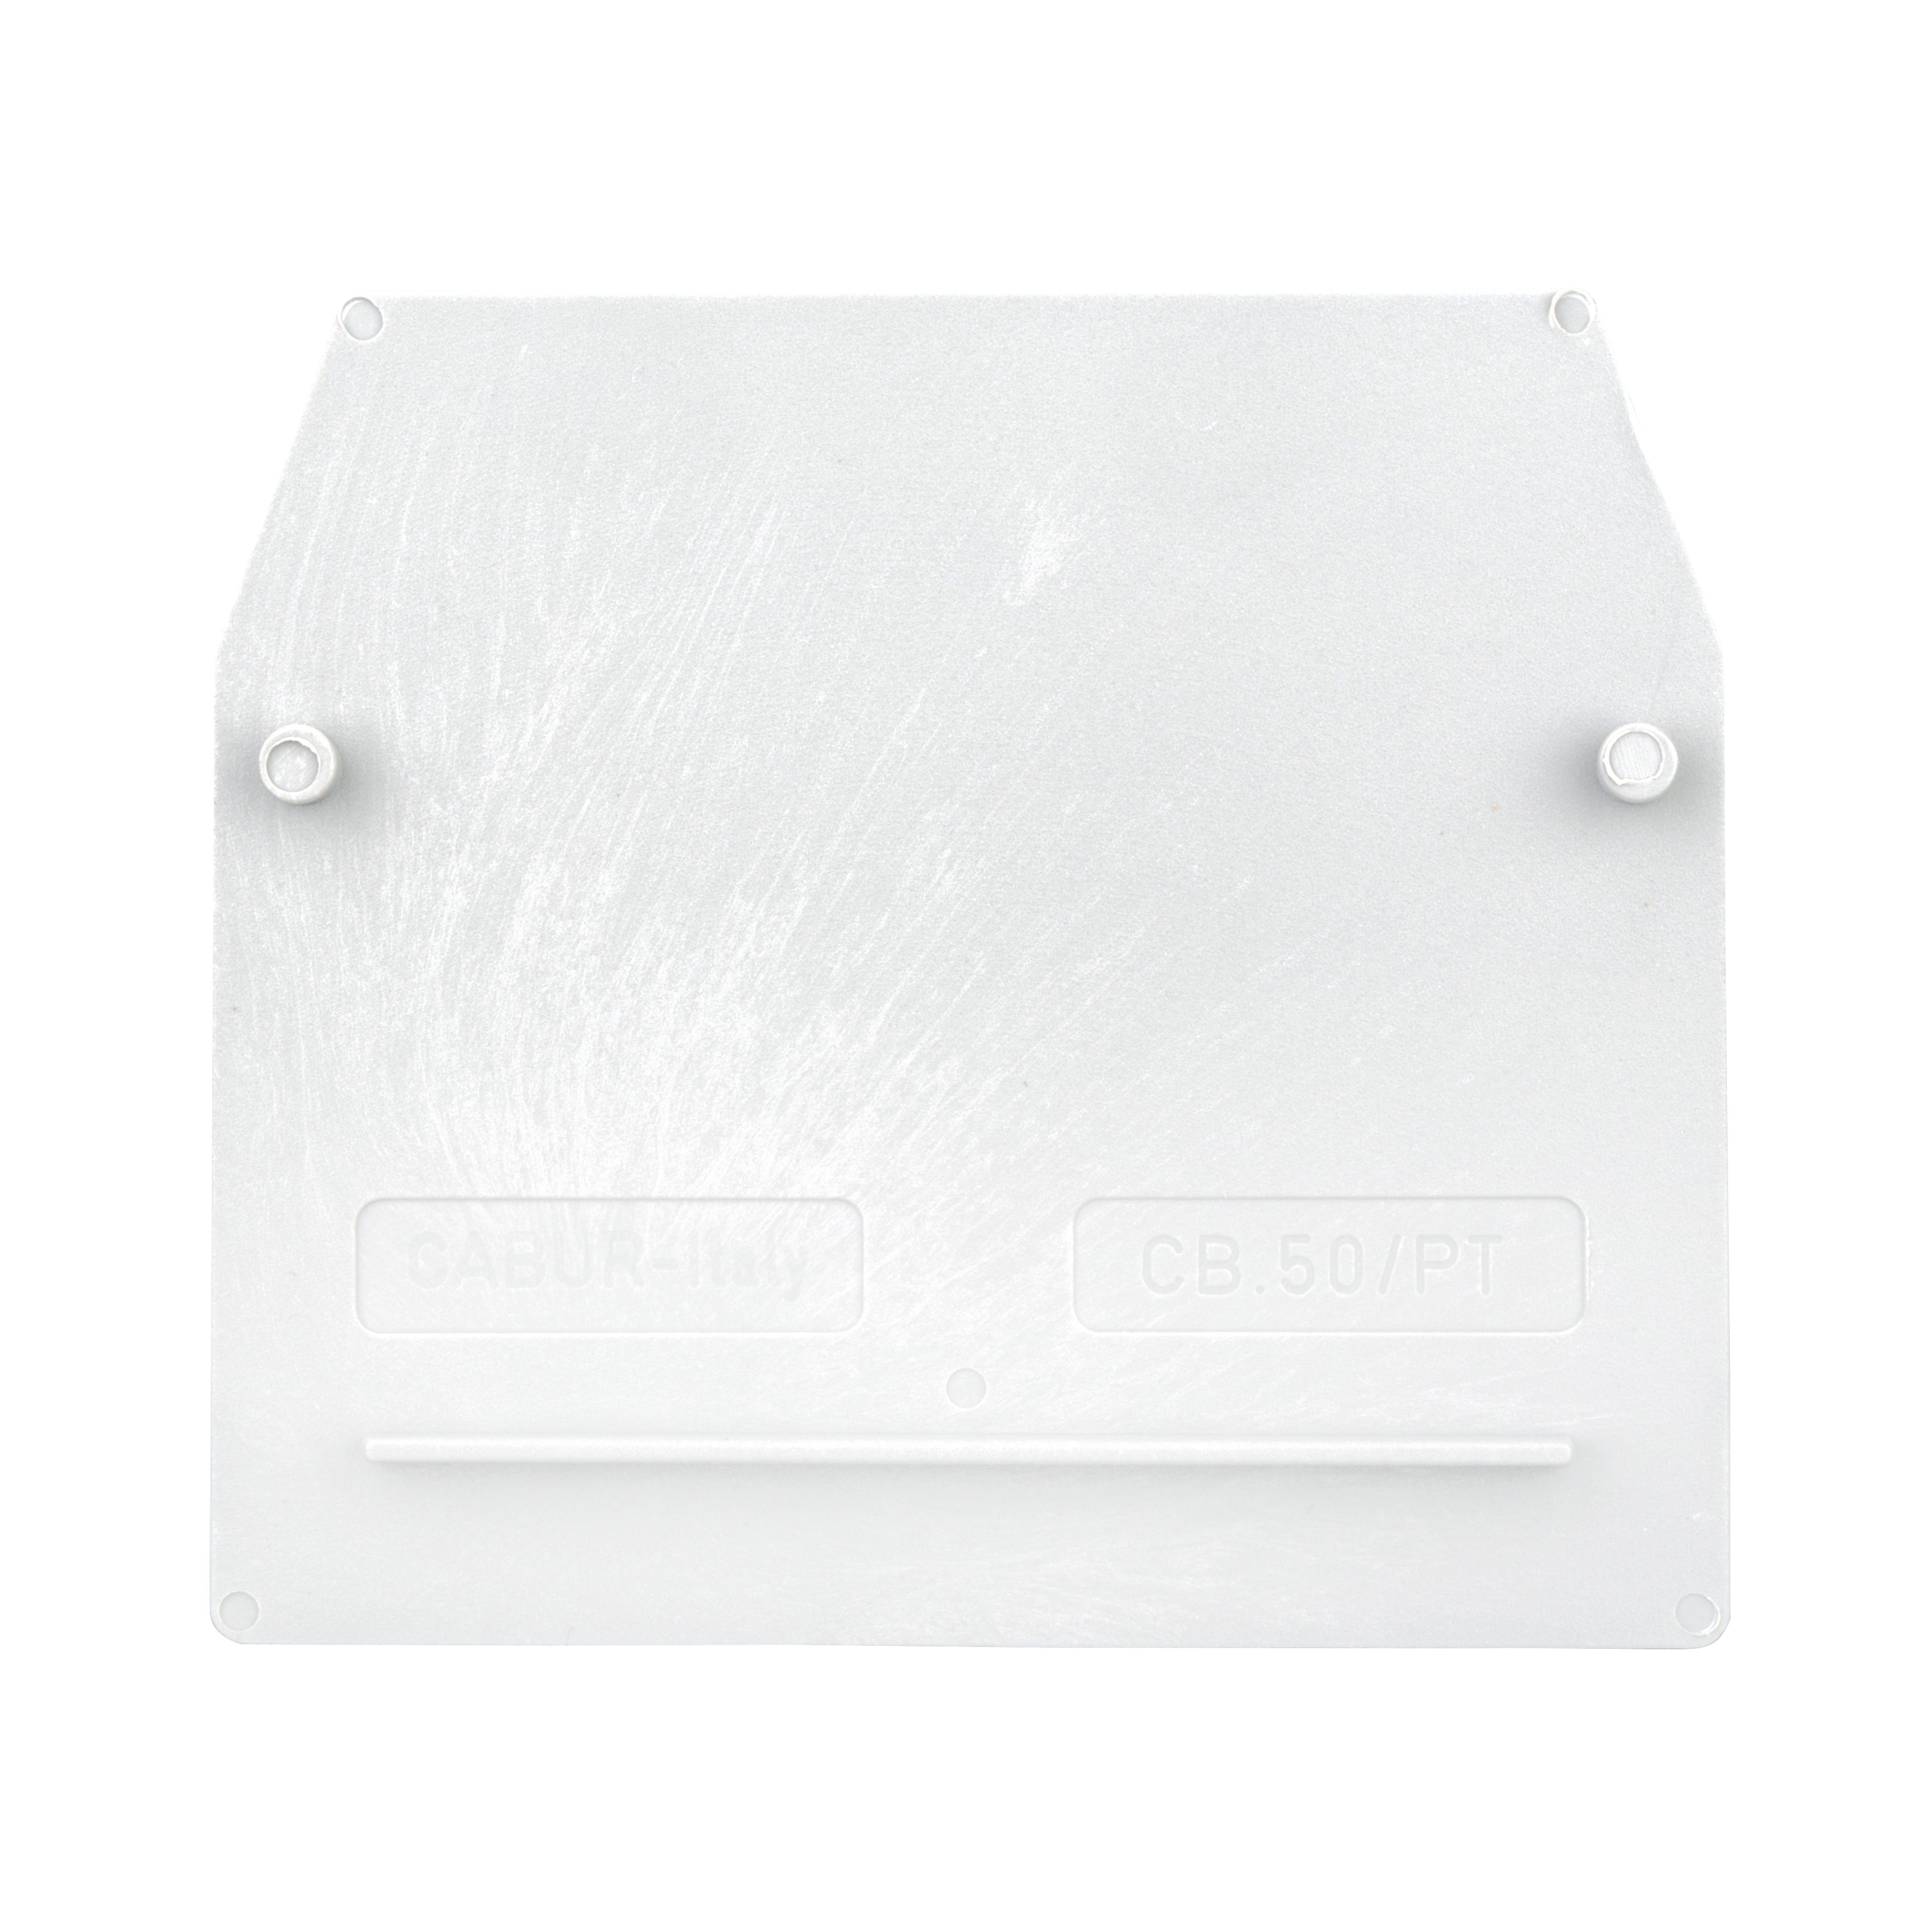 1 Stk Endplatte für Reihenklemme CBD 50mm², grau IK100250-A